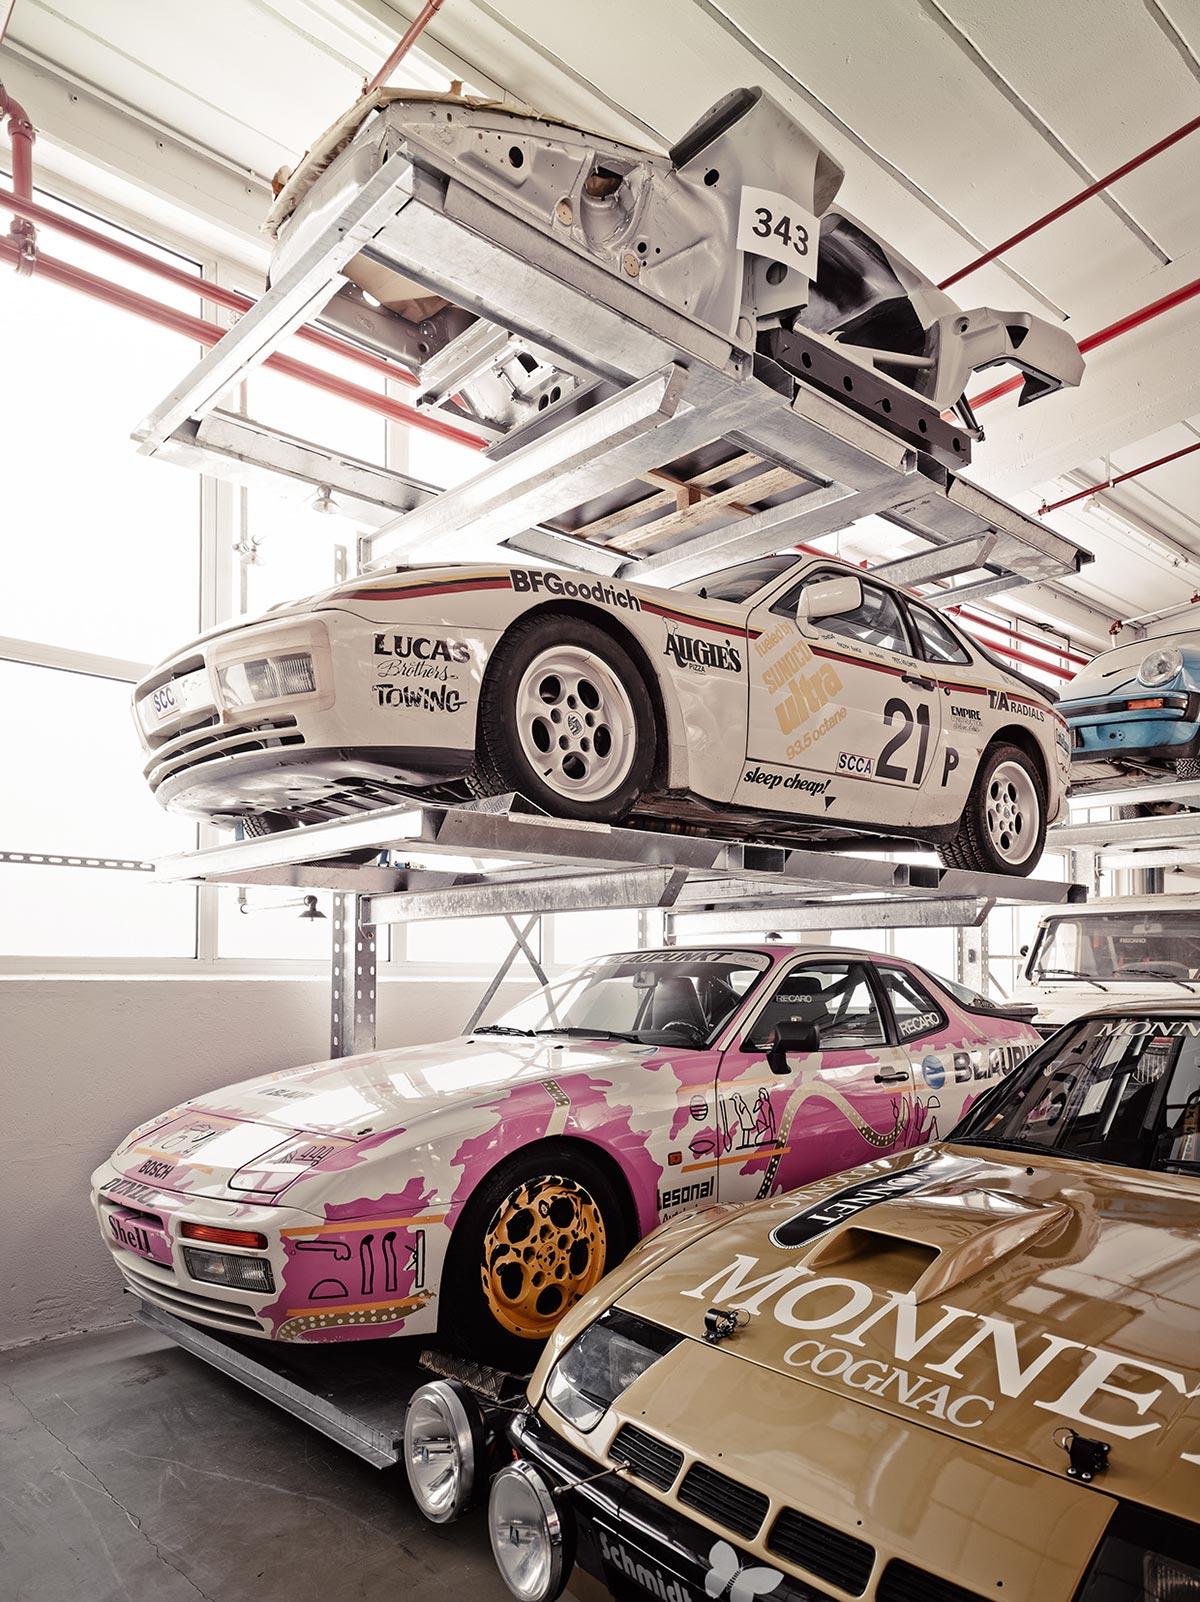 A Look Inside Porsche's Secret Stuttgart Warehouse 13